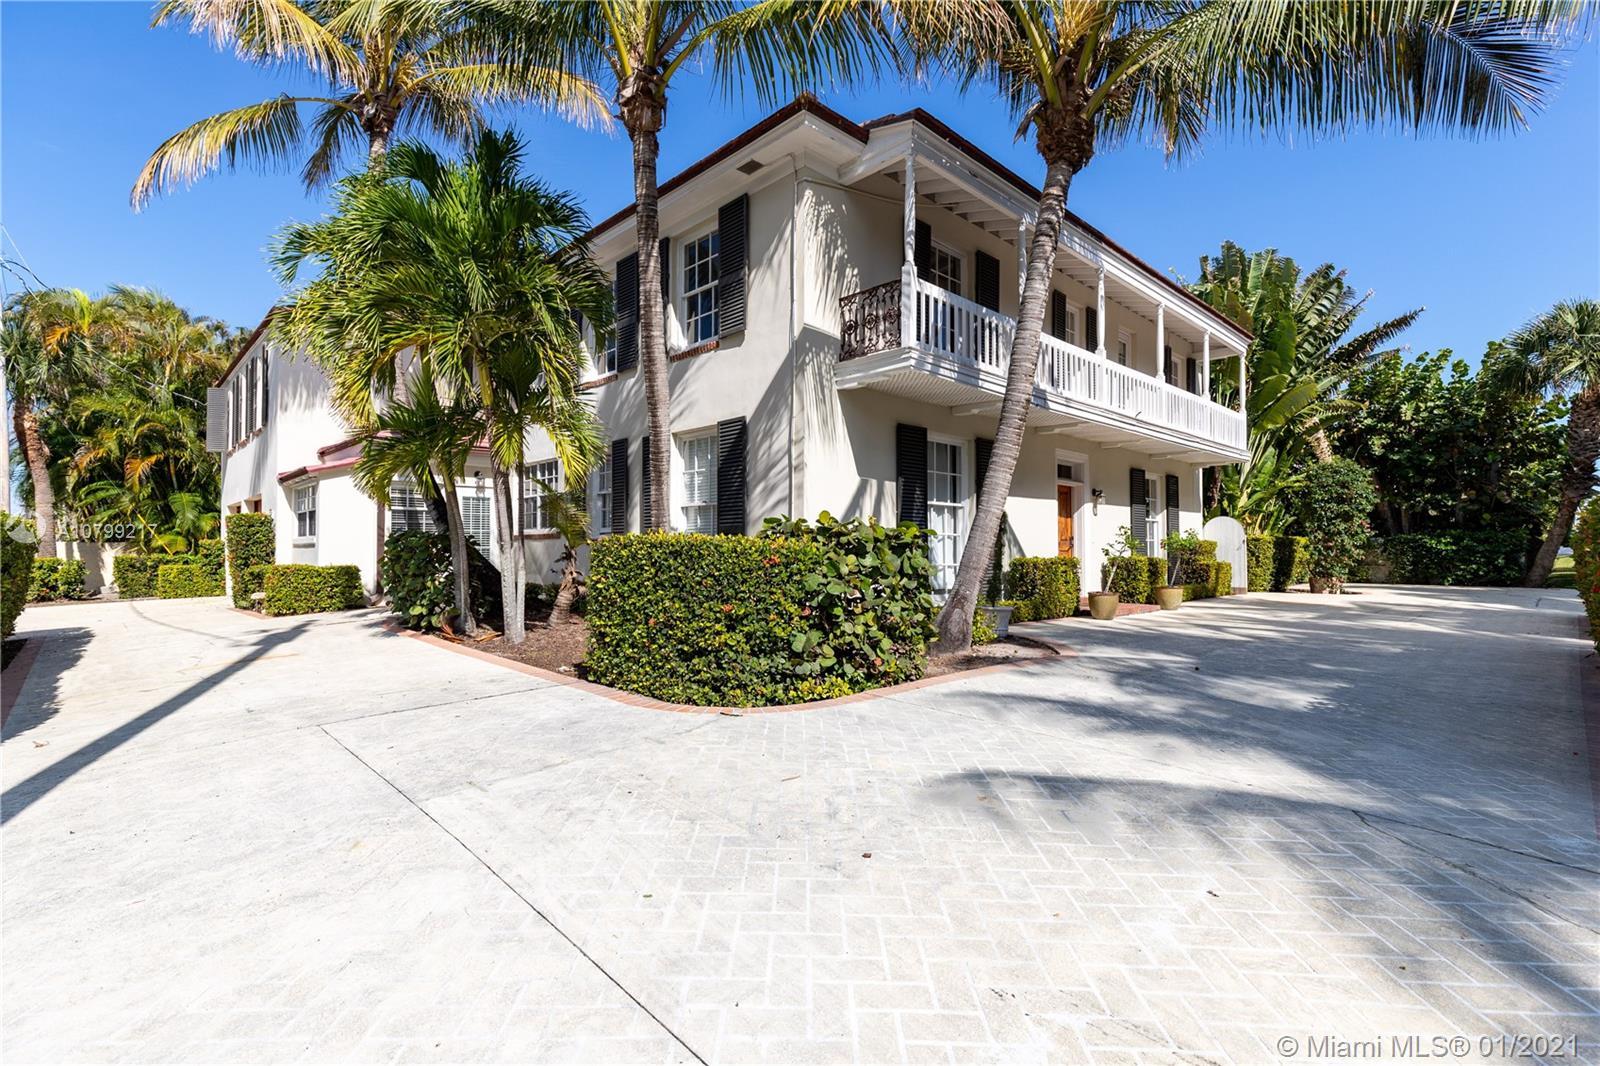 177 Queens Ln, Palm Beach, FL 33480